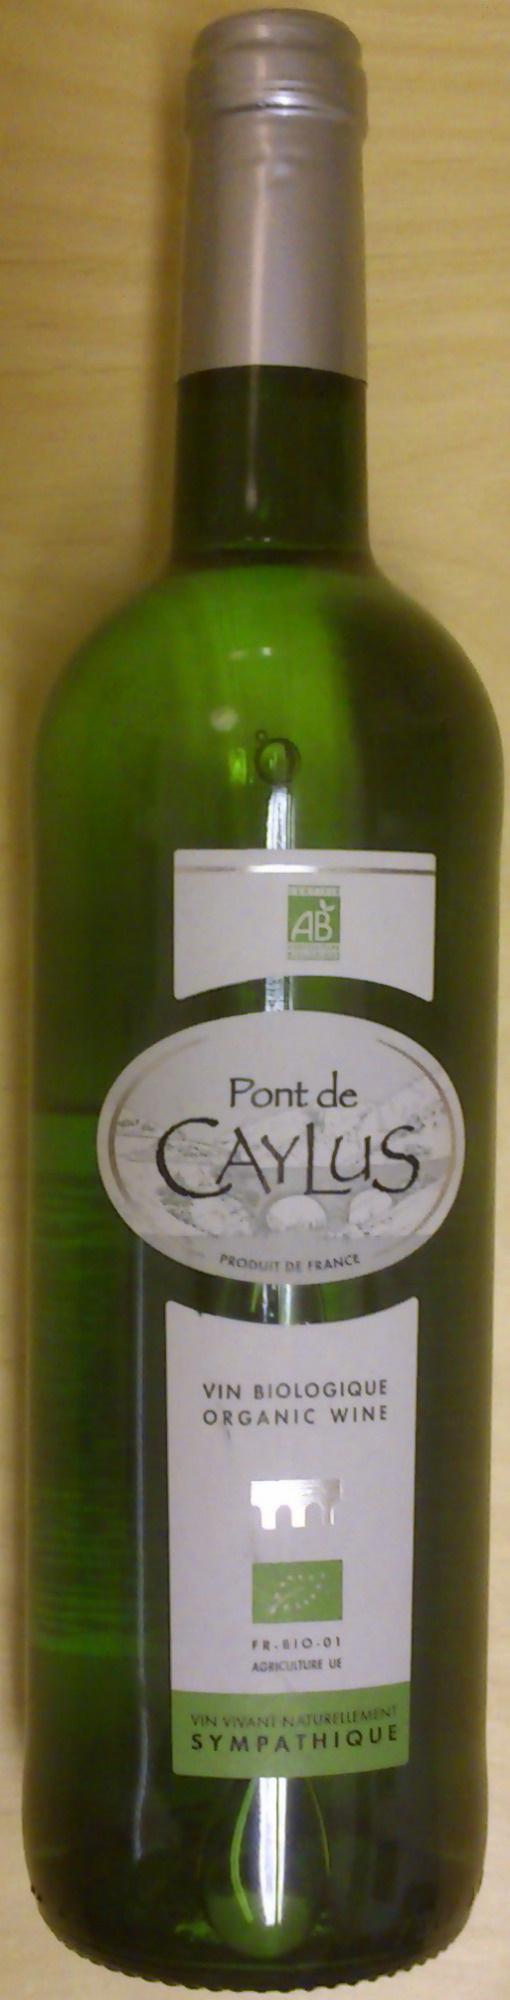 Vin blanc Pont de Caylus - Product